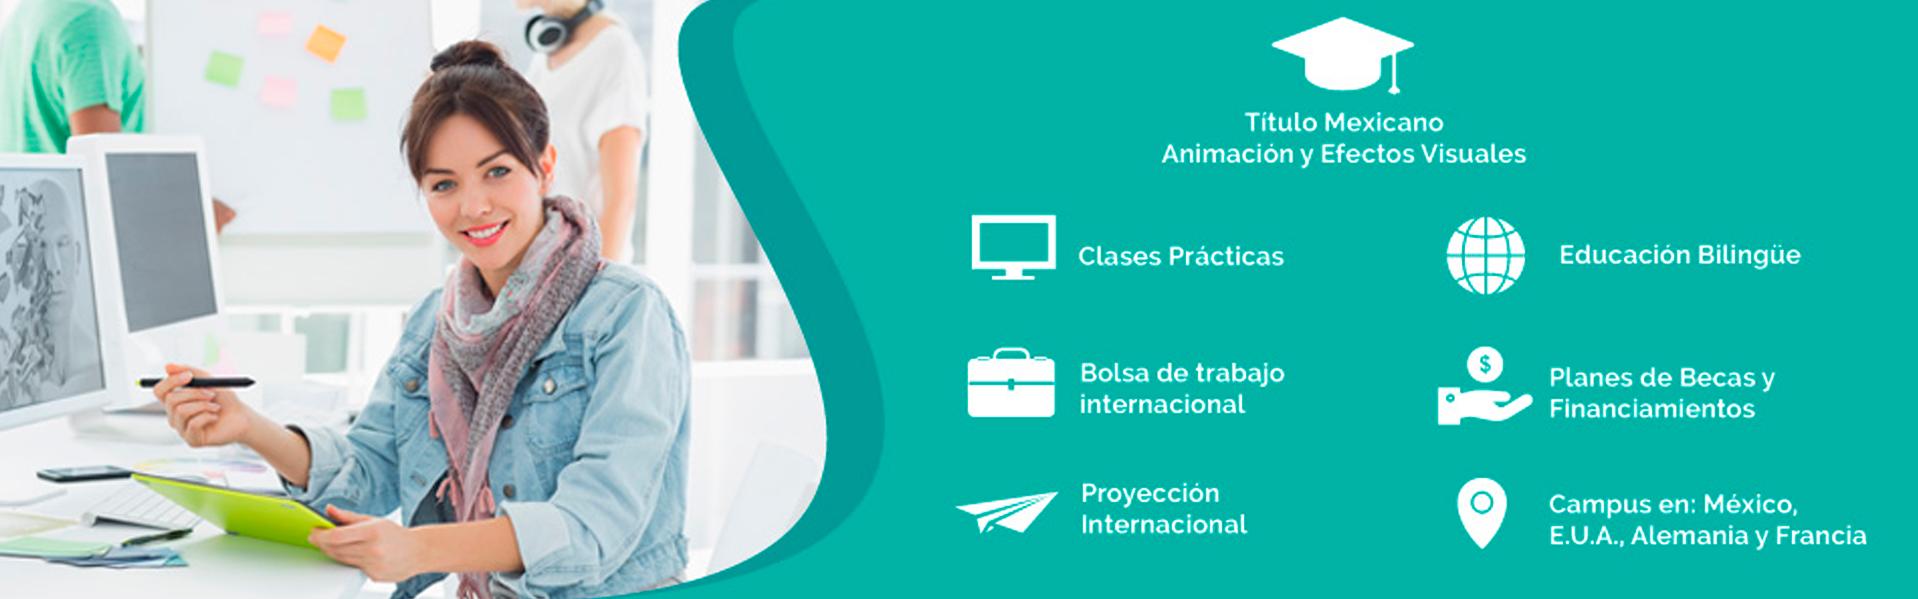 Licenciatura en Animación y Efectos Visuales